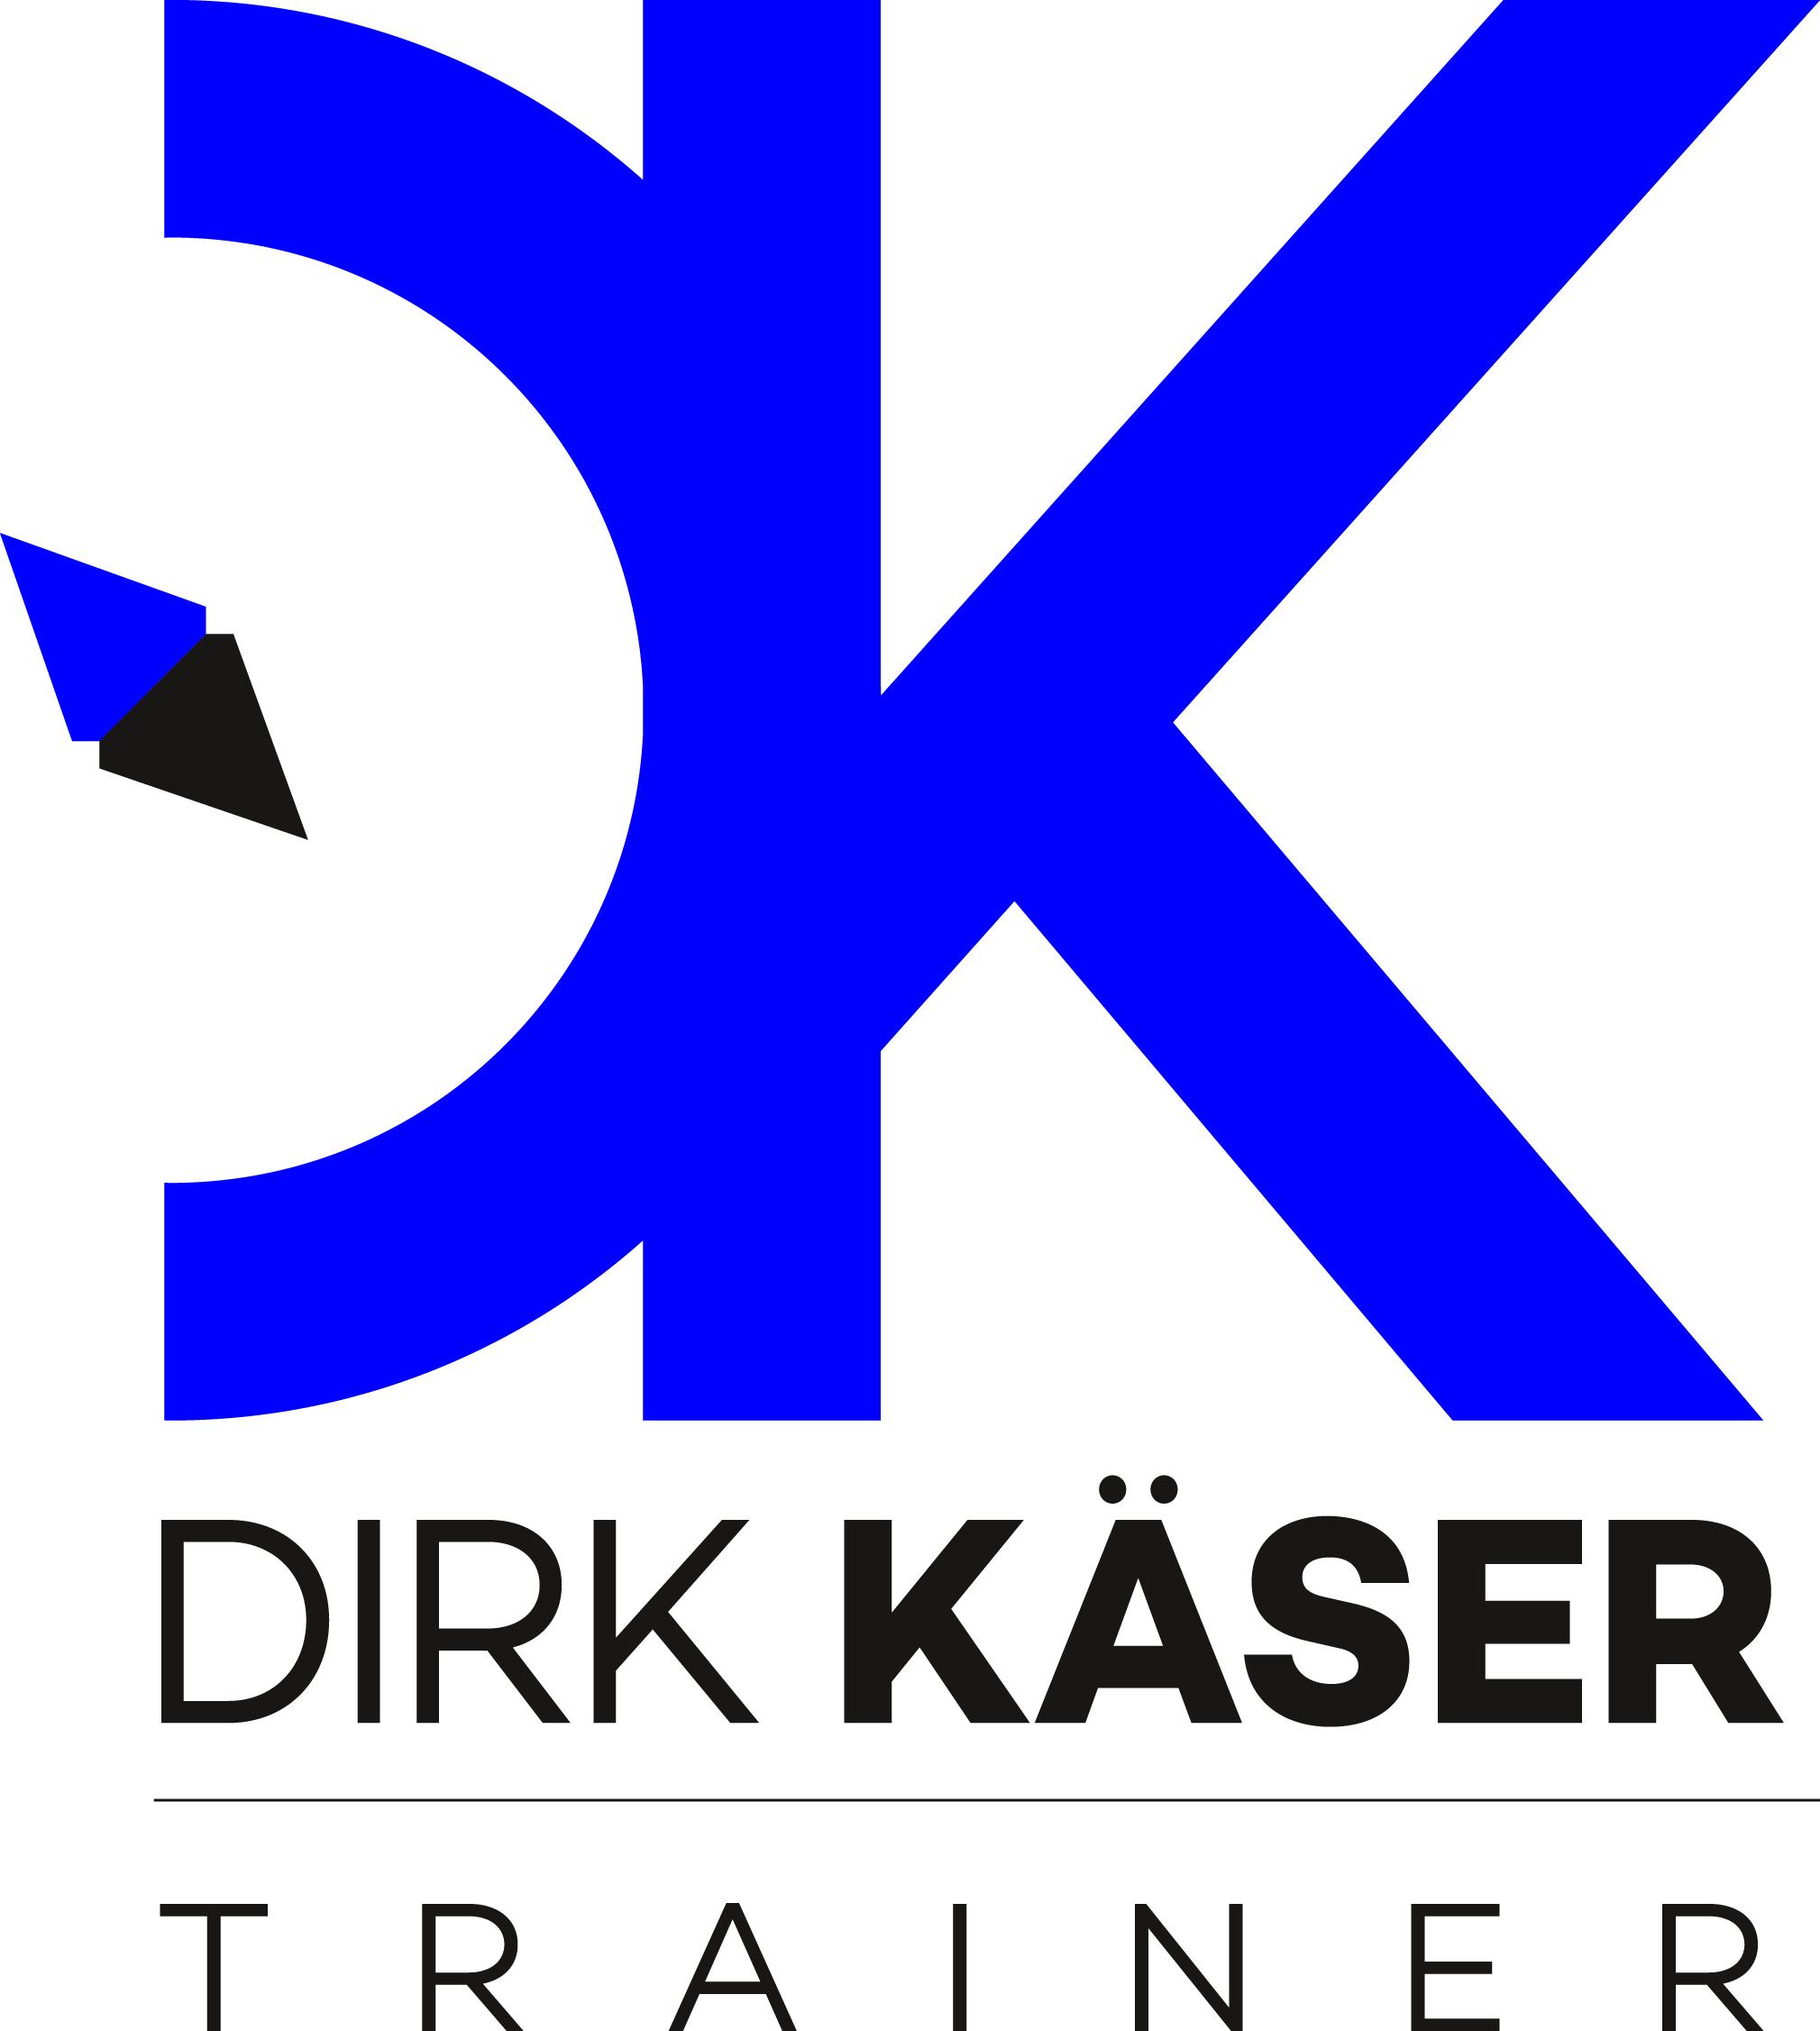 dirkkaeser.com